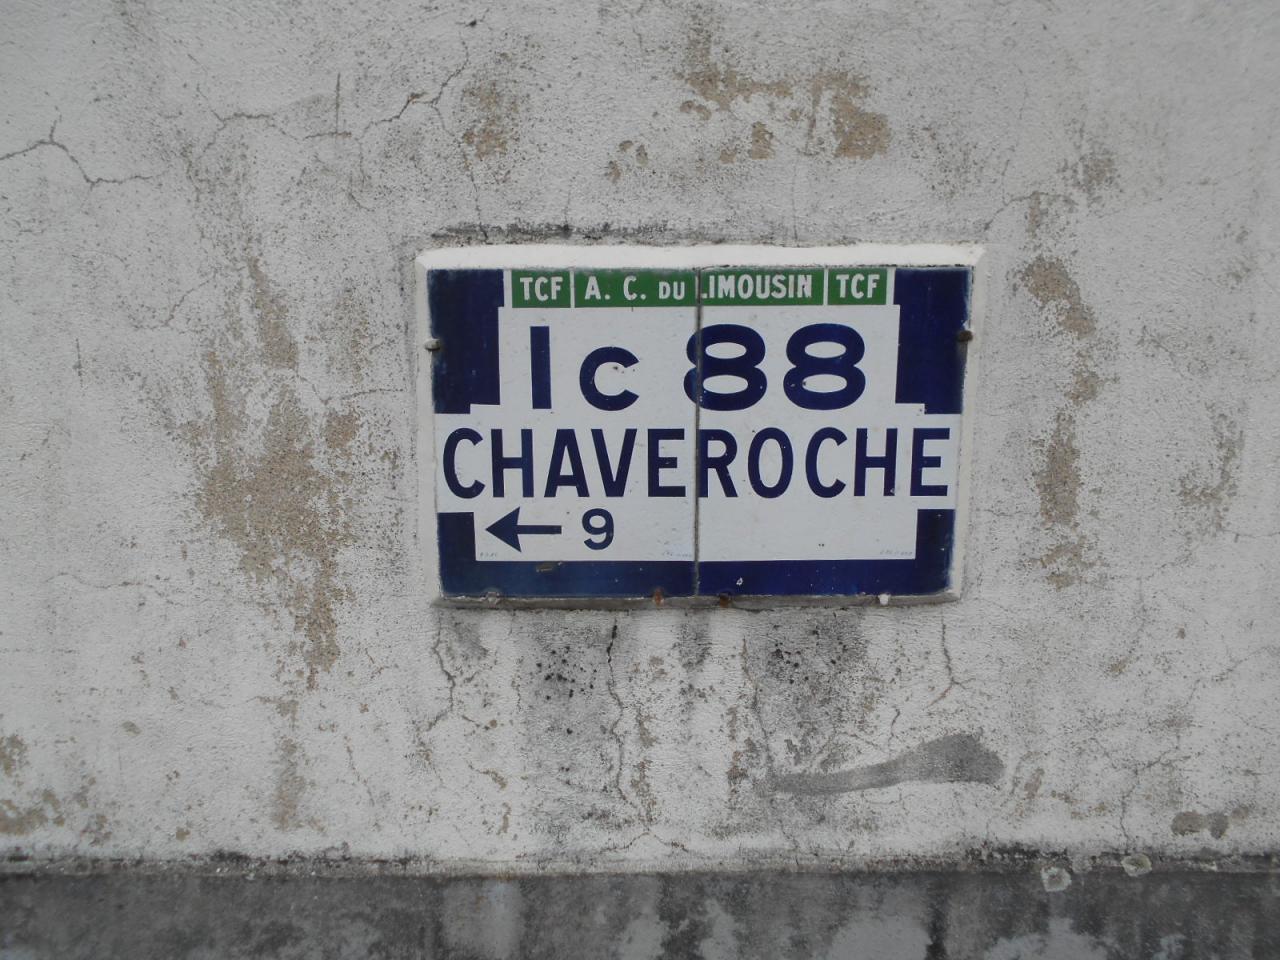 19200 Chaveroche